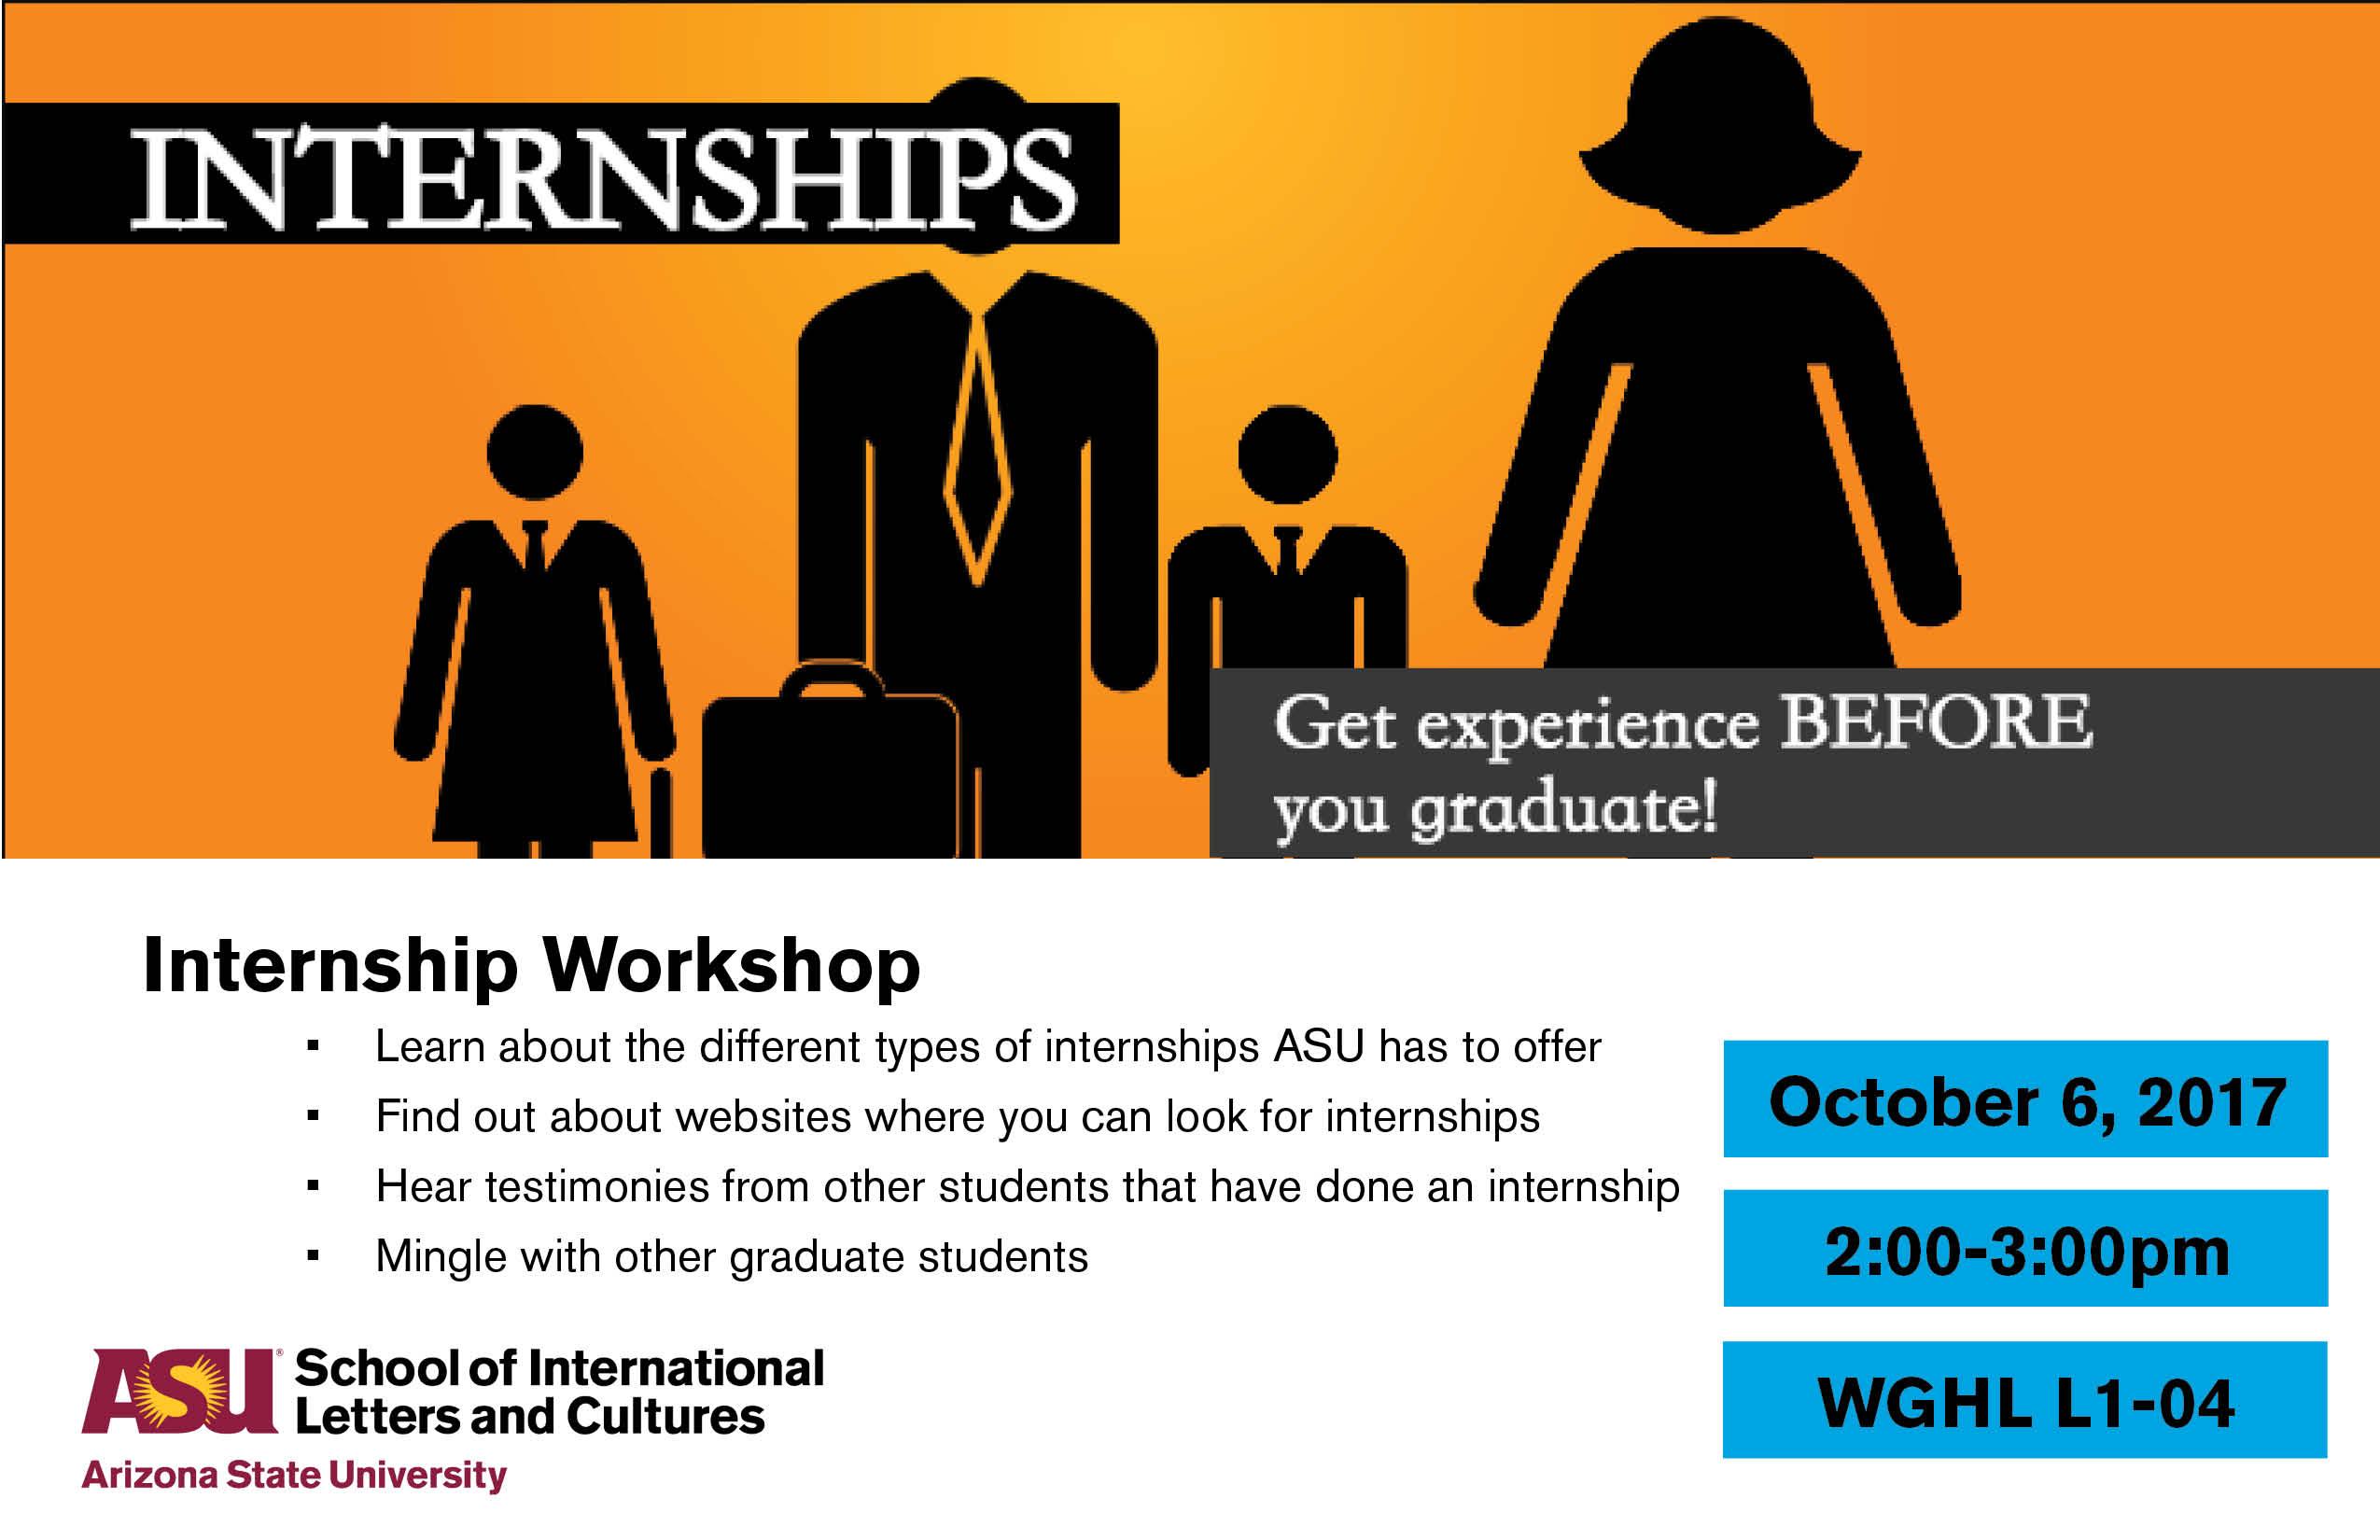 Internship Workshop Asu Events